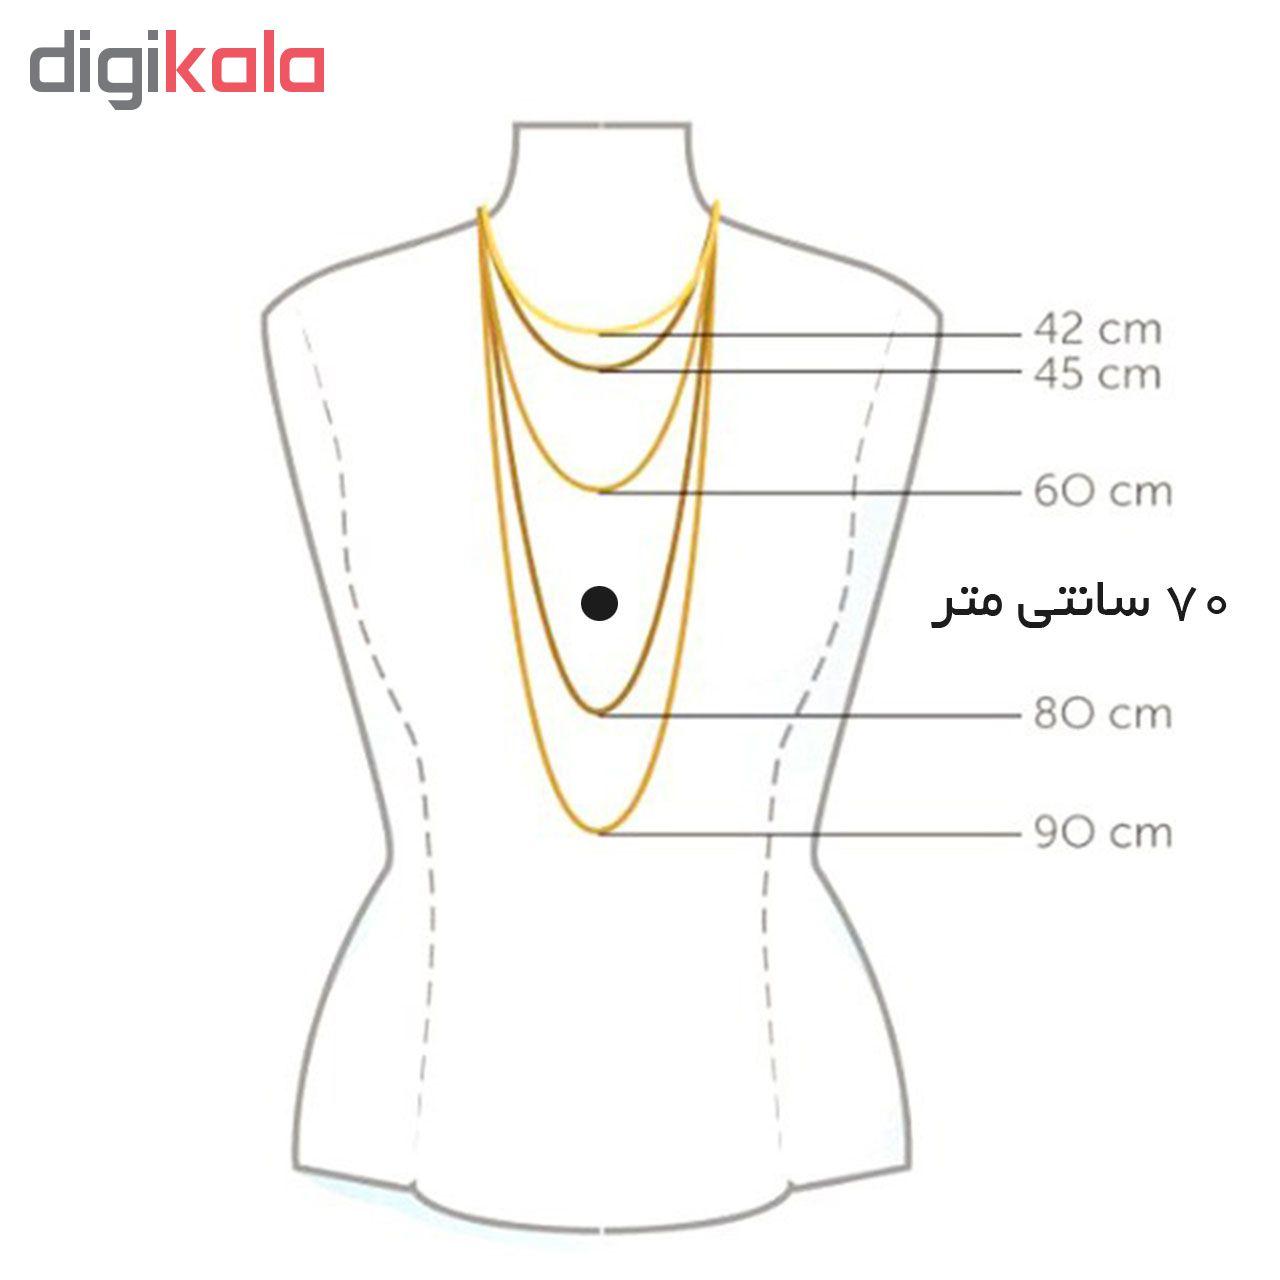 گردنبند نقره طرح اسم محمد امین کد FuTB 9683